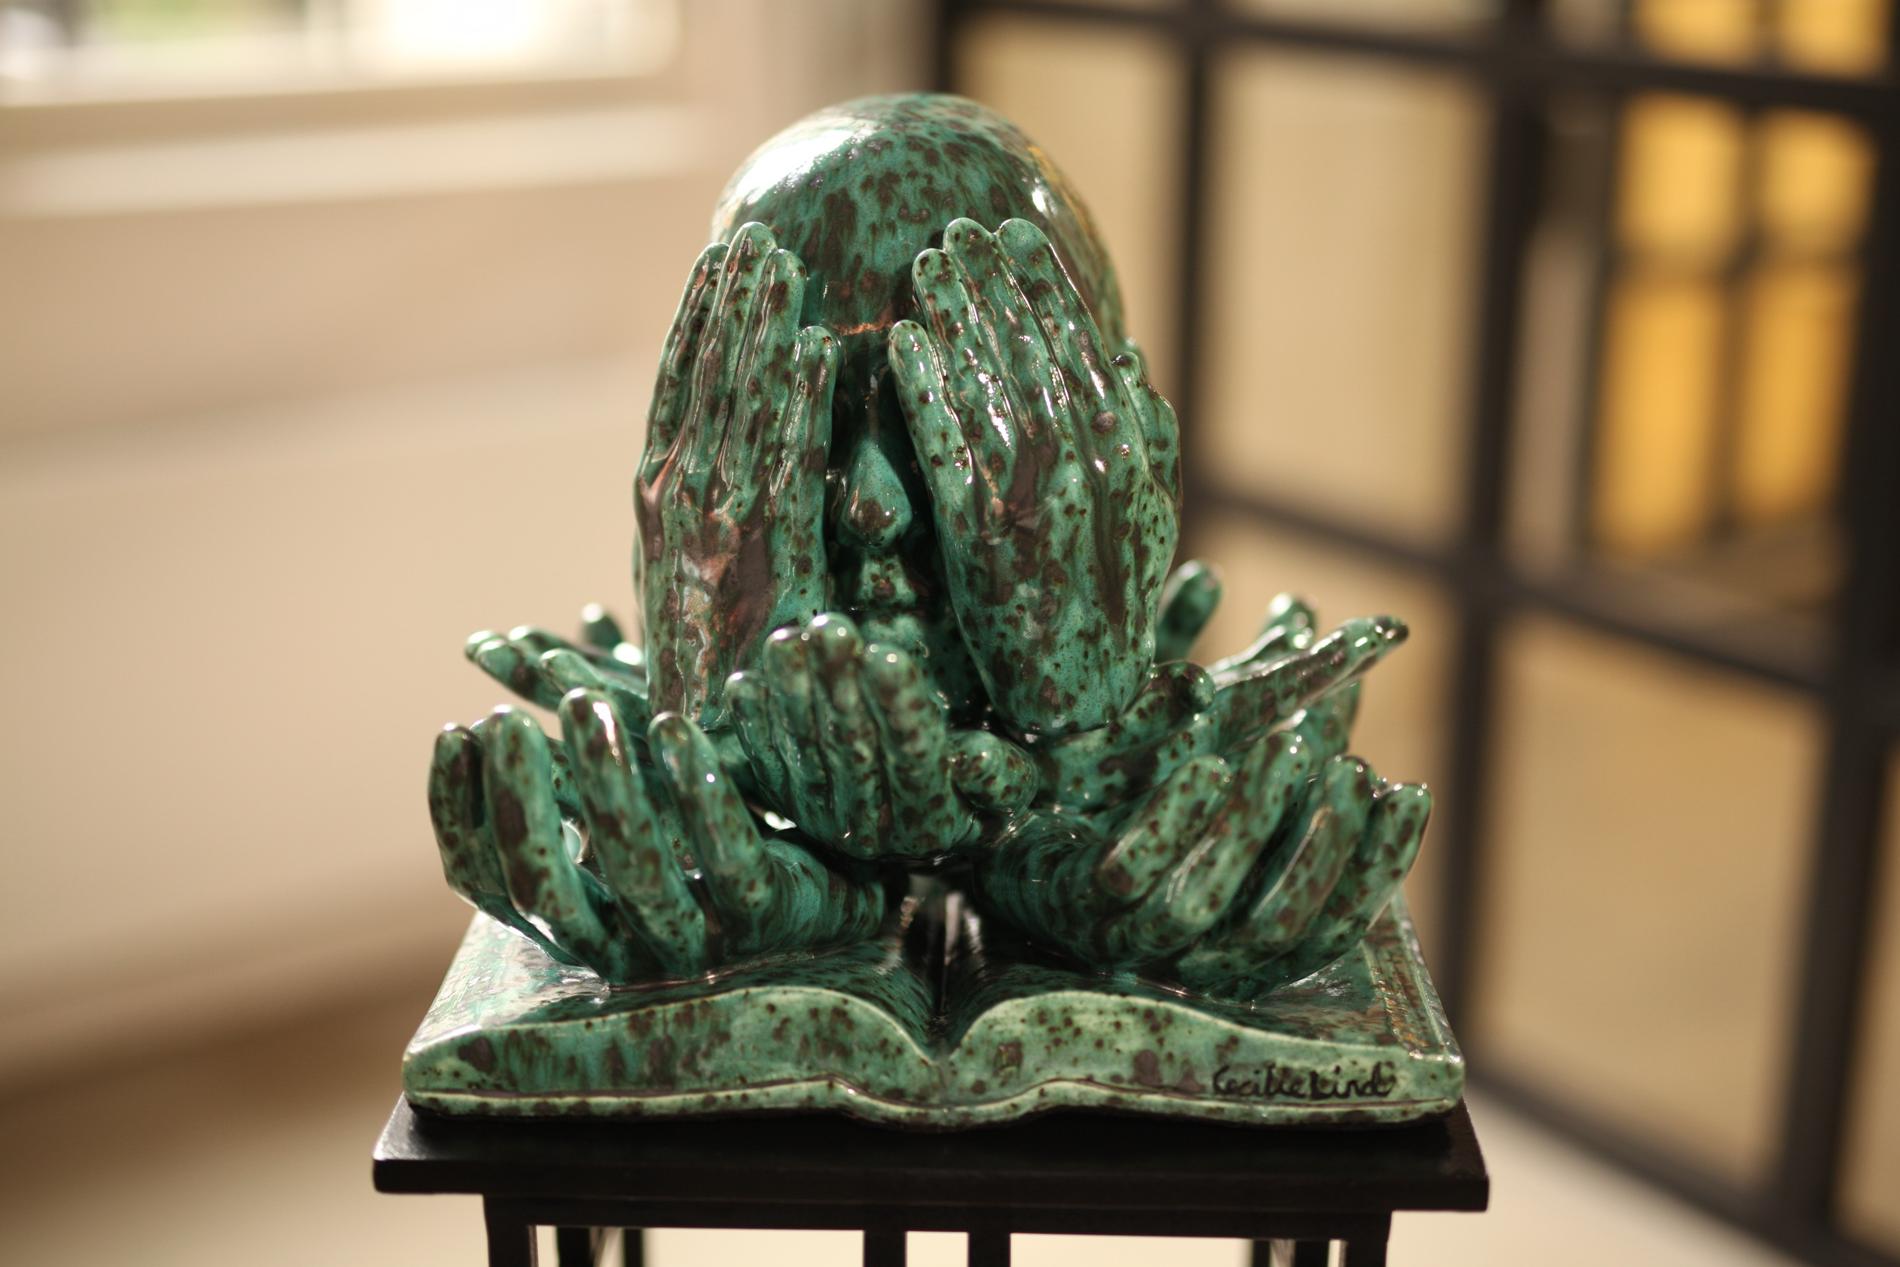 SIKKERHETSNETT: Det var det første kunstner Cecilie Lind tenkte da Finansforbundet ba henne tolke vern mot usaklig oppsigelse i «Kunsten å være norsk». Skulpturens fundament er en lovbok, og viser hender som holder et hode oppe.